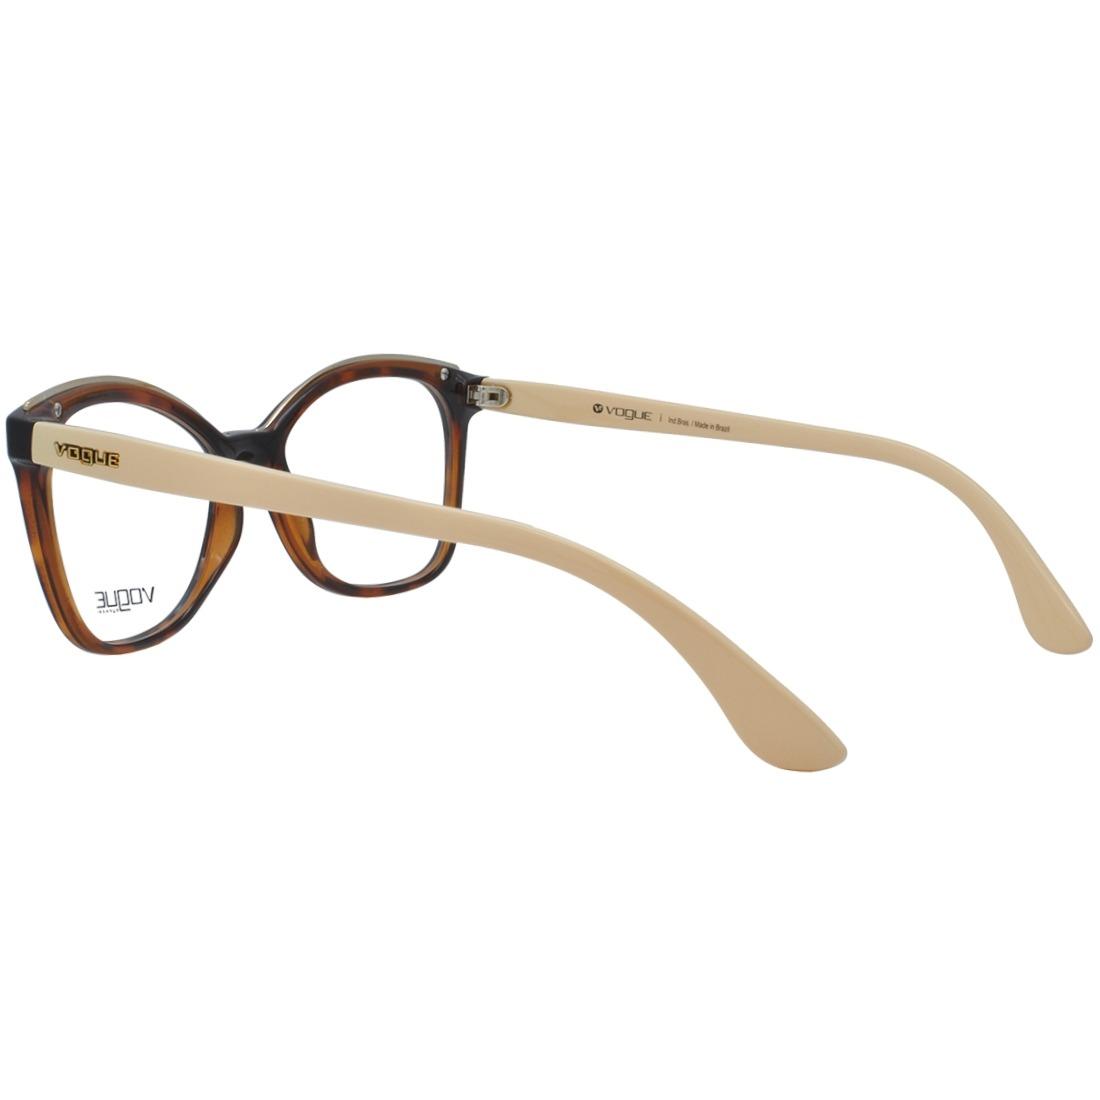 0203c54c32a96 Óculos De Grau Vogue Feminino Original Vo5160l 2649 - R  423,00 em ...